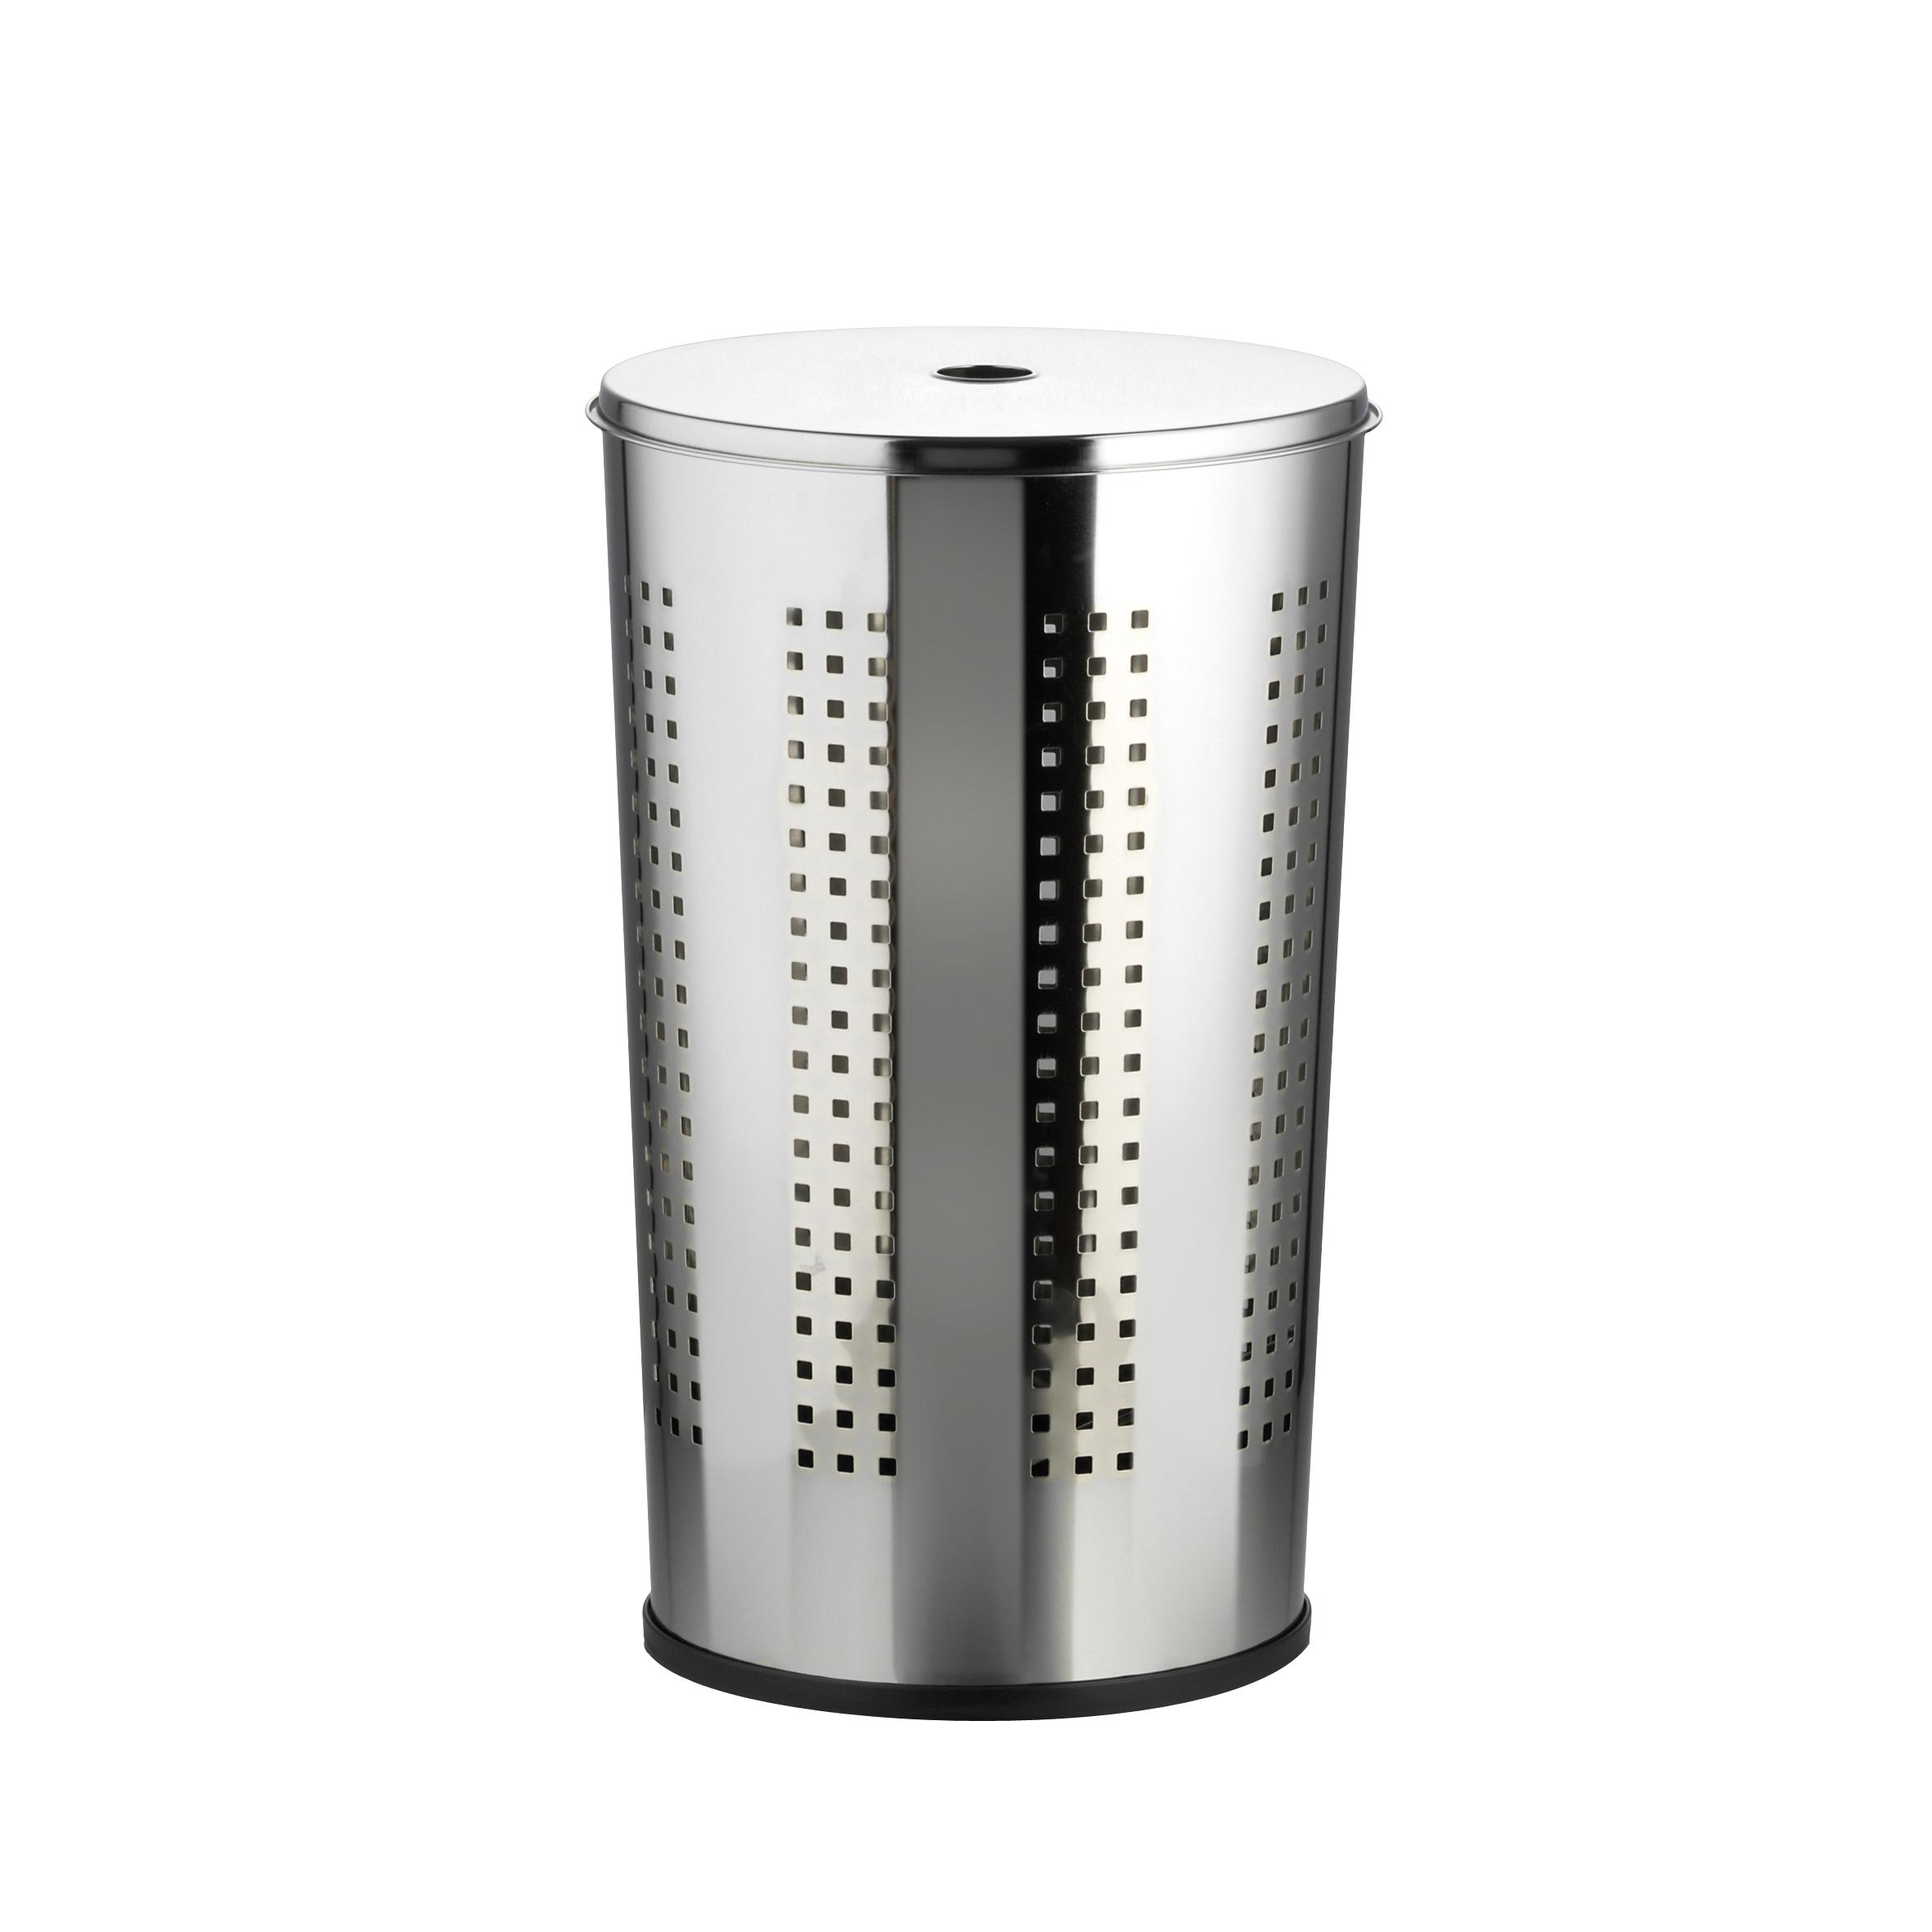 Корзина для белья Axentia, с крышкой, 50 л391602Корзина для белья Axentia изготовлена из высококачественной хромированной стали, устойчивой к коррозии в условиях высокой влажности в ванной комнате. Подойдет для семьи из 3-5 человек. Специальные отверстия по всему периметру корзины позволяют дышать и не позволят сопреть вашему белью. Изделие оснащено крышкой, которая плотно закрывается и не болтается на корзине. Пластиковая подставка создает дополнительную устойчивость, безопасность пола и бесшумность при перемещении. Современный дизайн корзины украсит любой интерьер ванной комнаты.Объем корзины:50 литров.Размер корзины: 35 х 35 х 58 см.